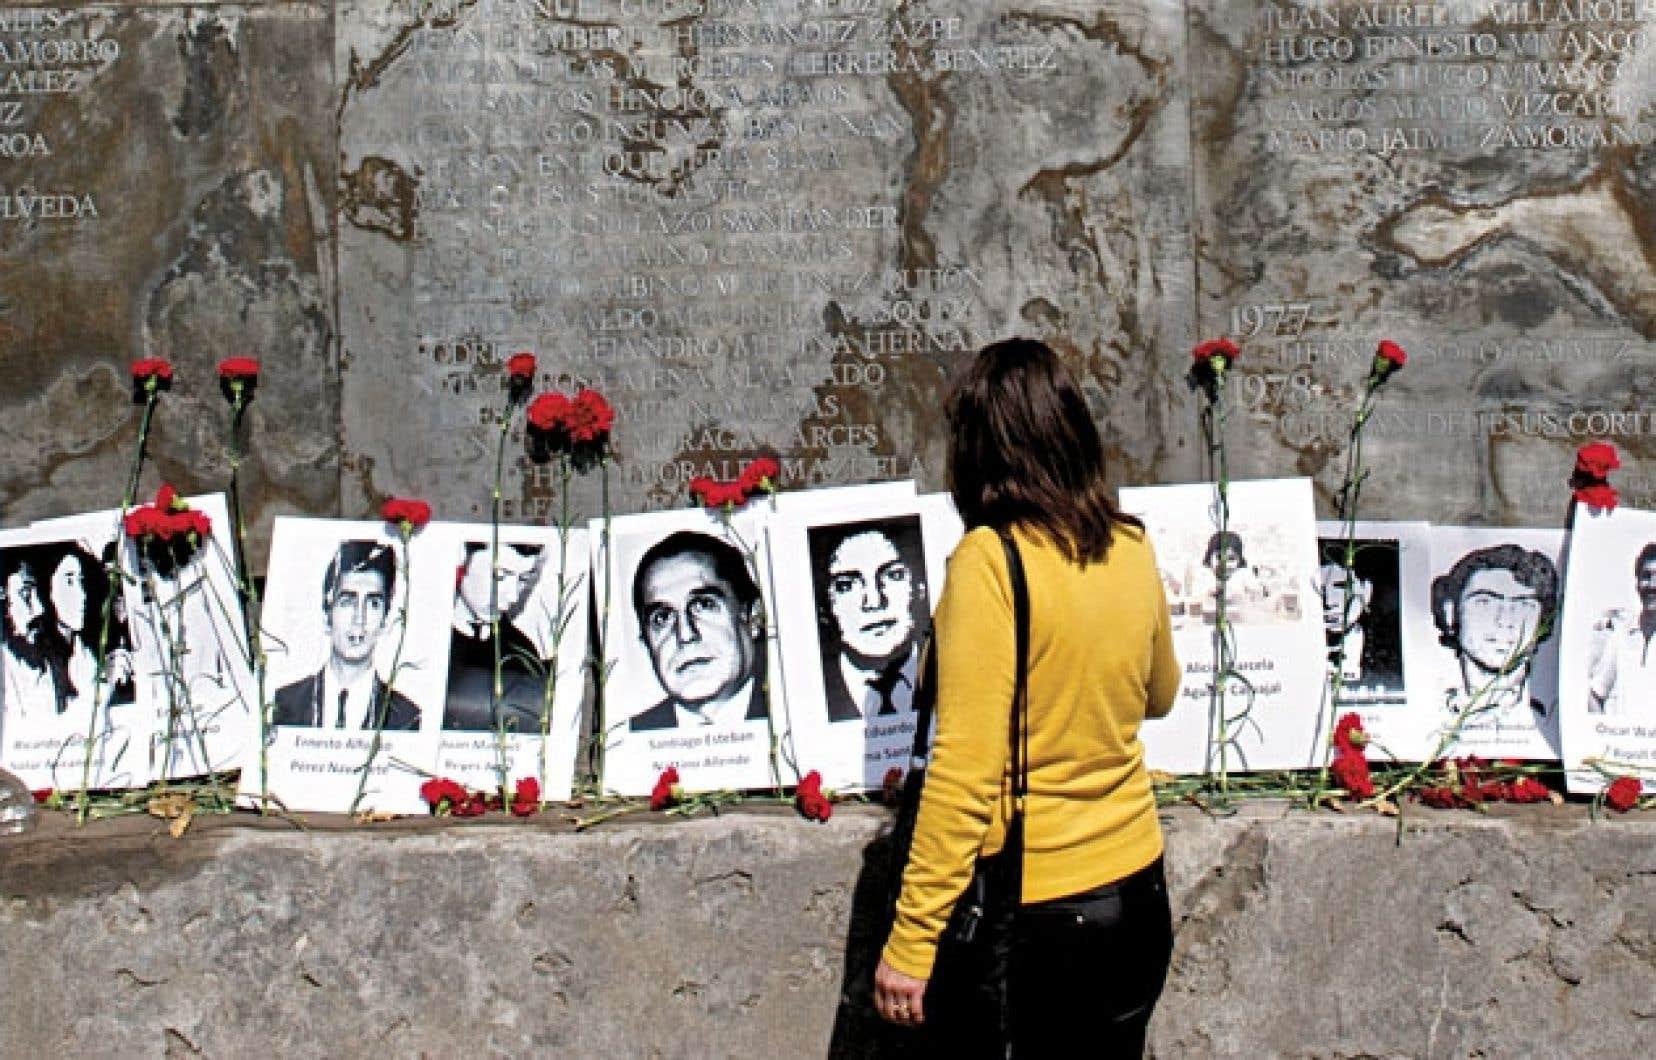 Les photographies de disparus ont été affichées dans la tristement célèbre villa Grimaldi, à Santiago.